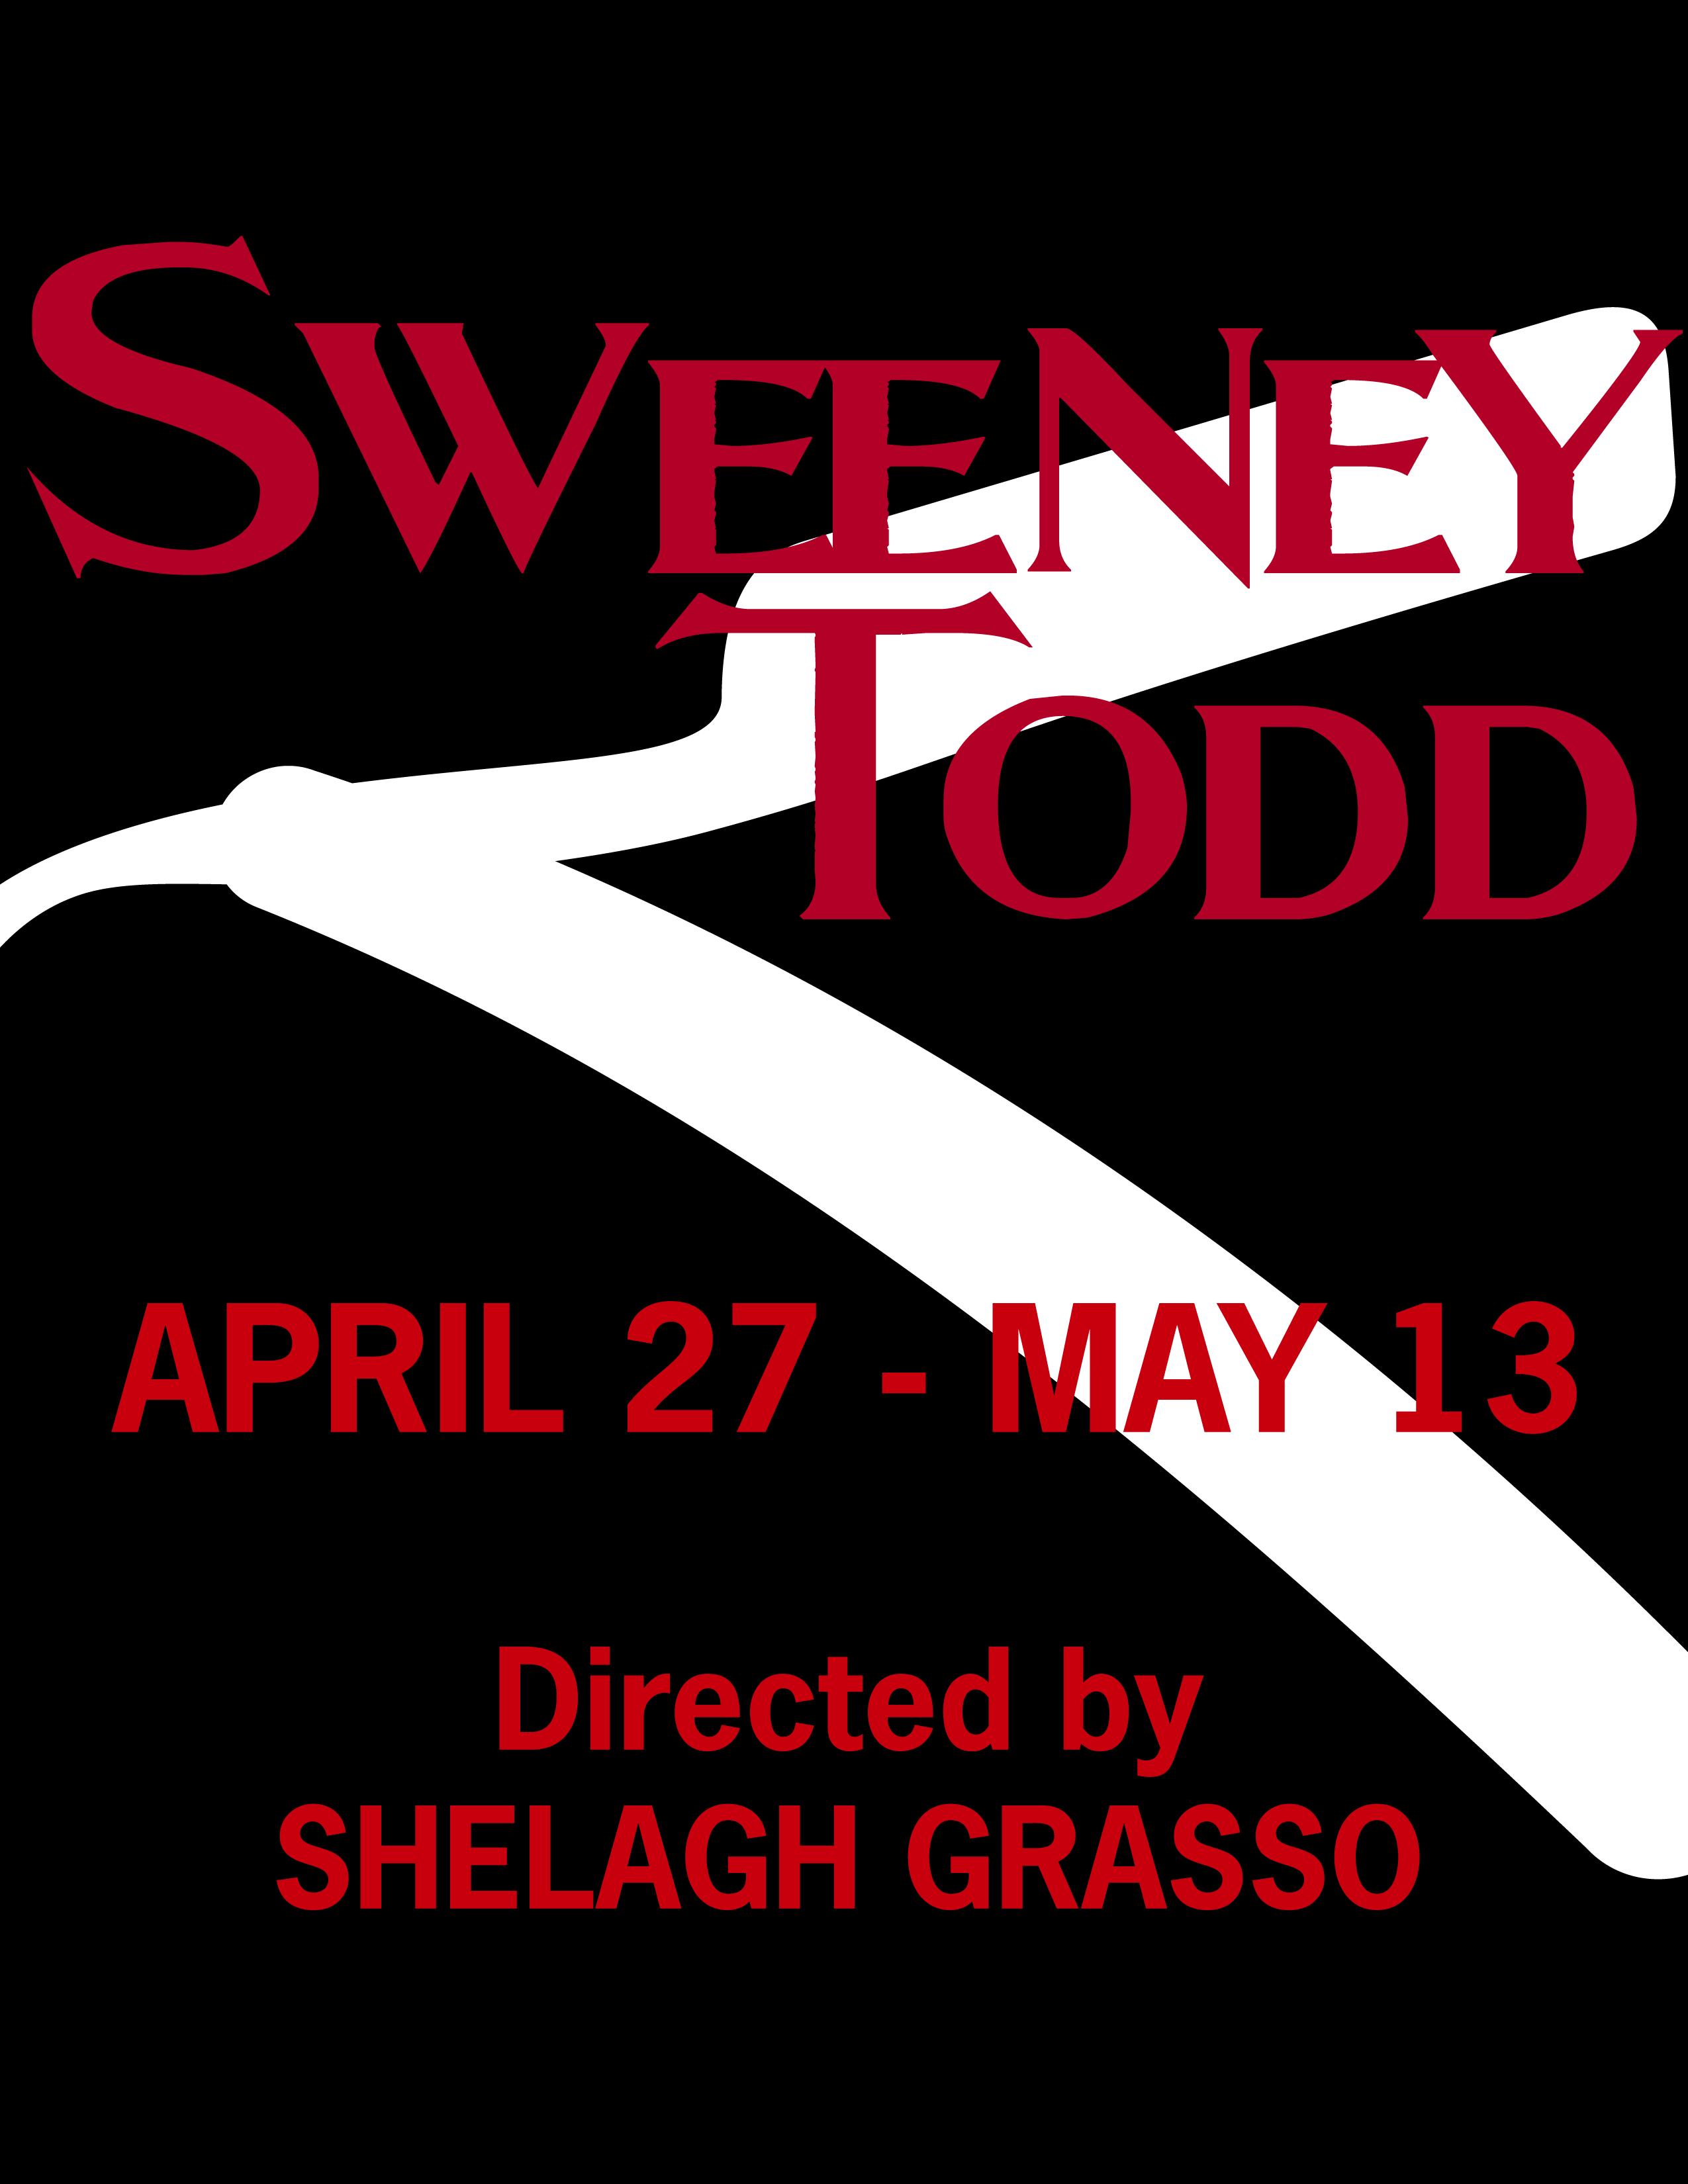 Sweeney Todd (Opening Weekend)